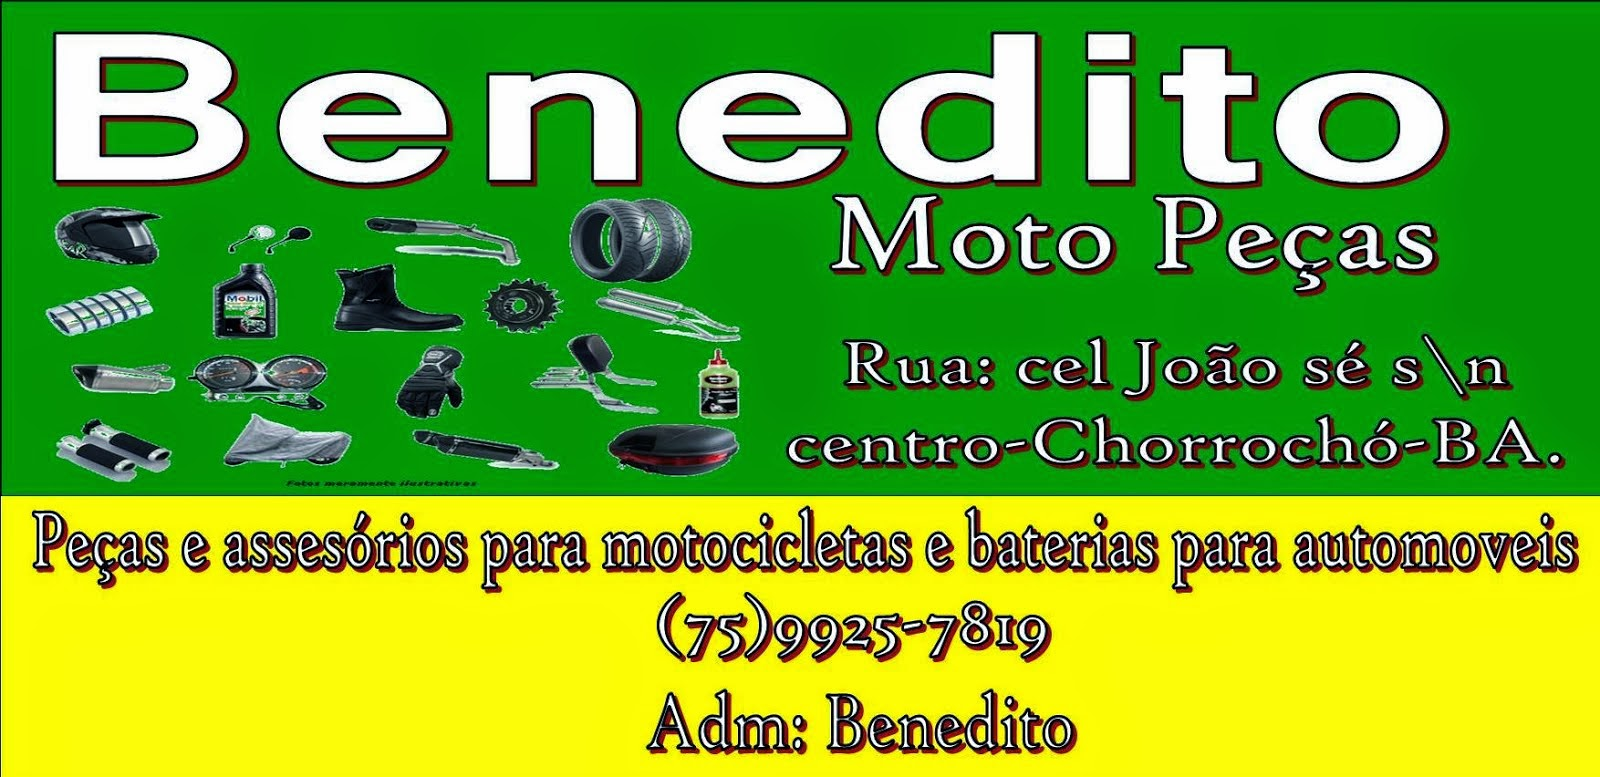 Benedito Moto Peças